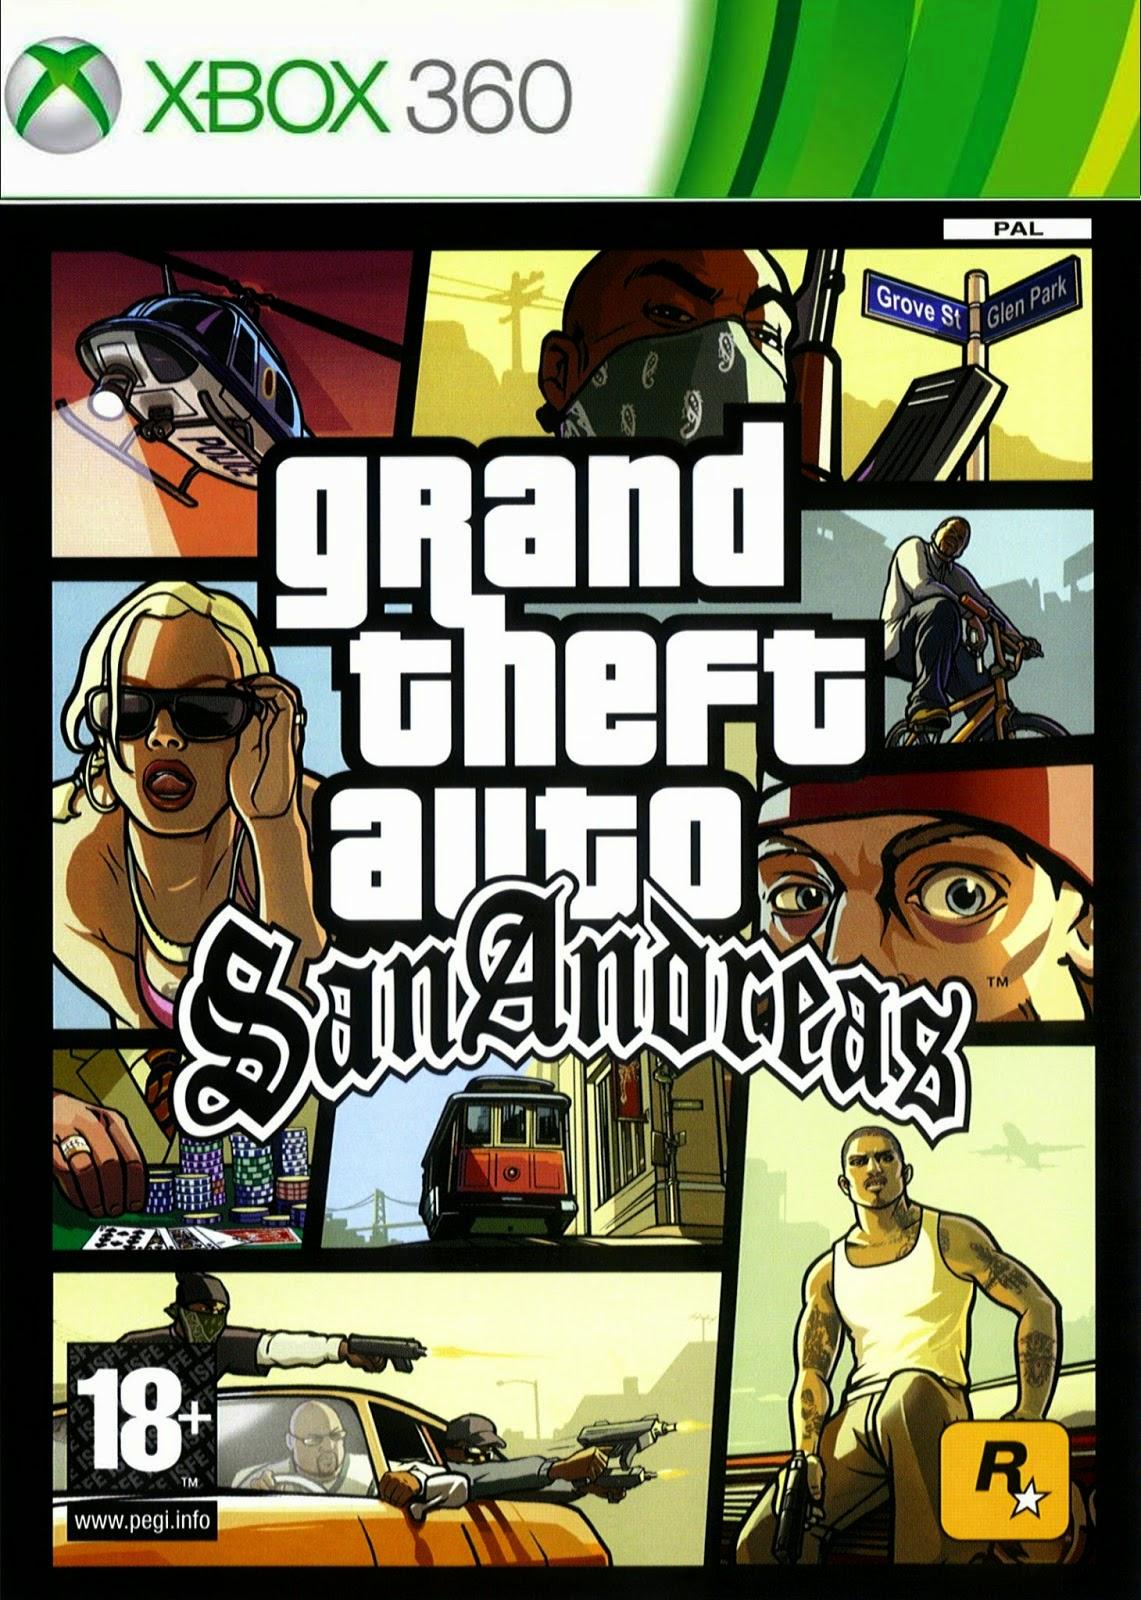 Todoxbox360rgh Gta San Andreas Hd Xbox360 Rgh Mega